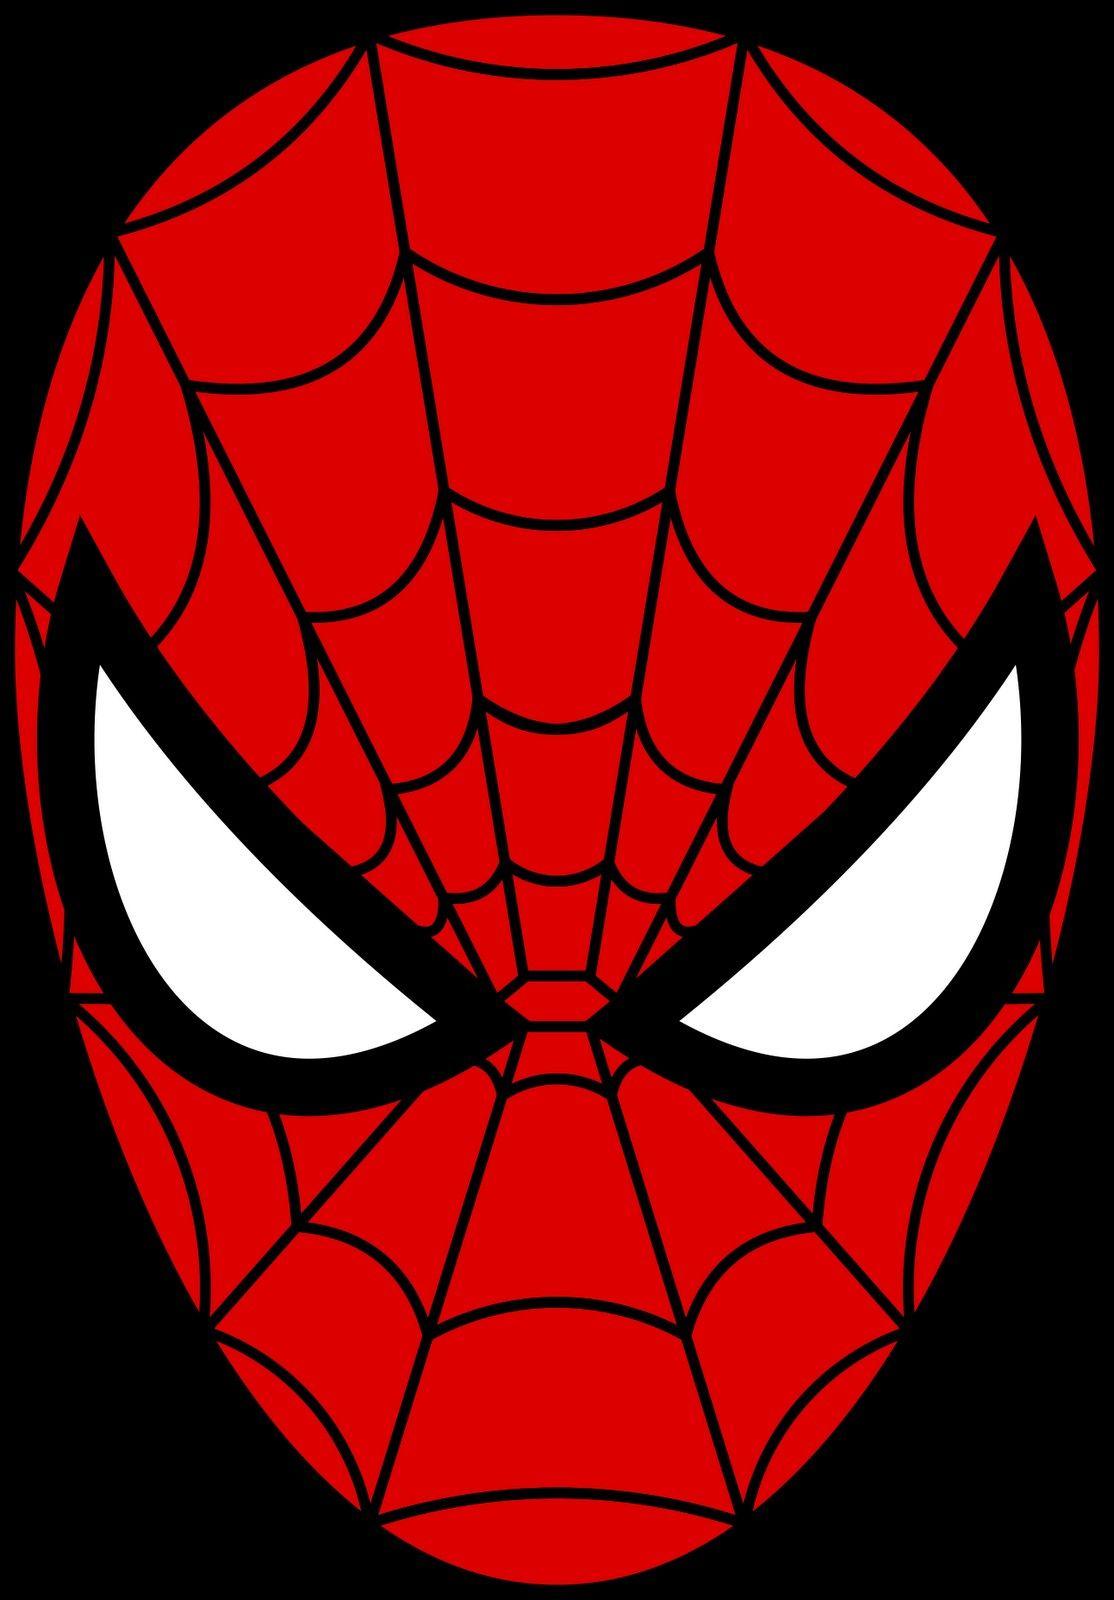 Épinglé Par Viot Sur Mes Enfants | Masque Super Héros, Carte intérieur Masque Spiderman A Imprimer